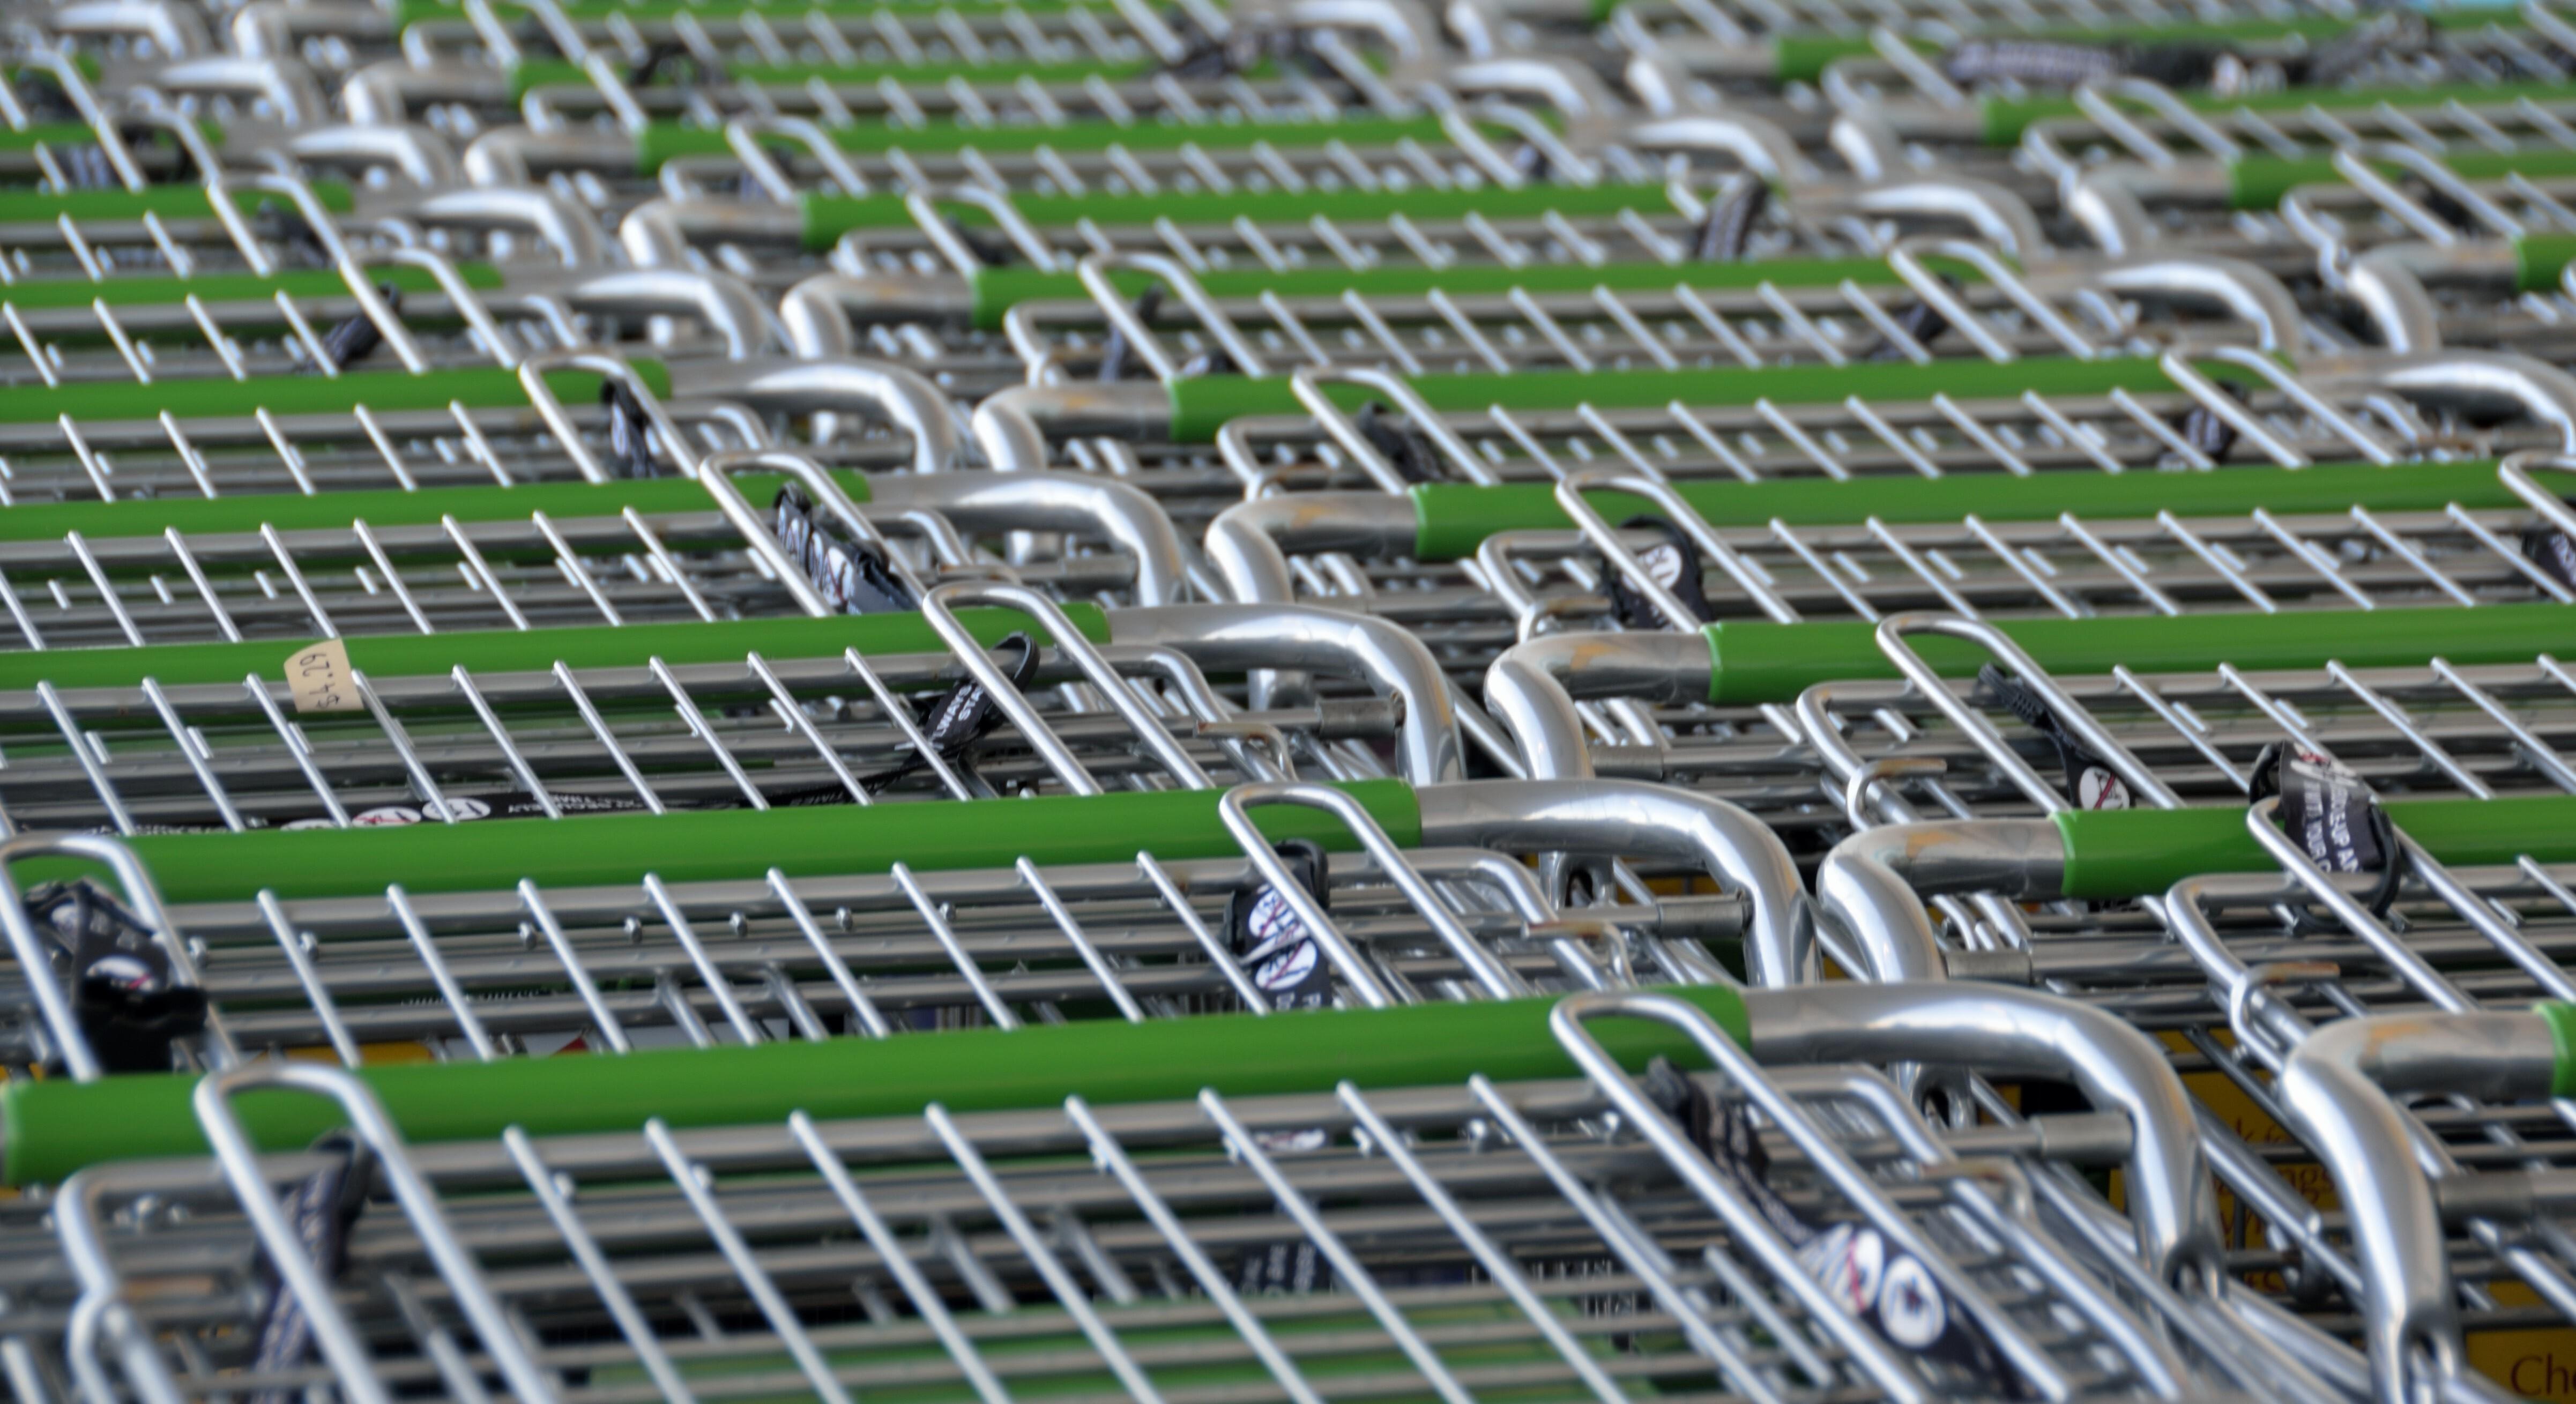 Carrinhos de supermercado (evento)